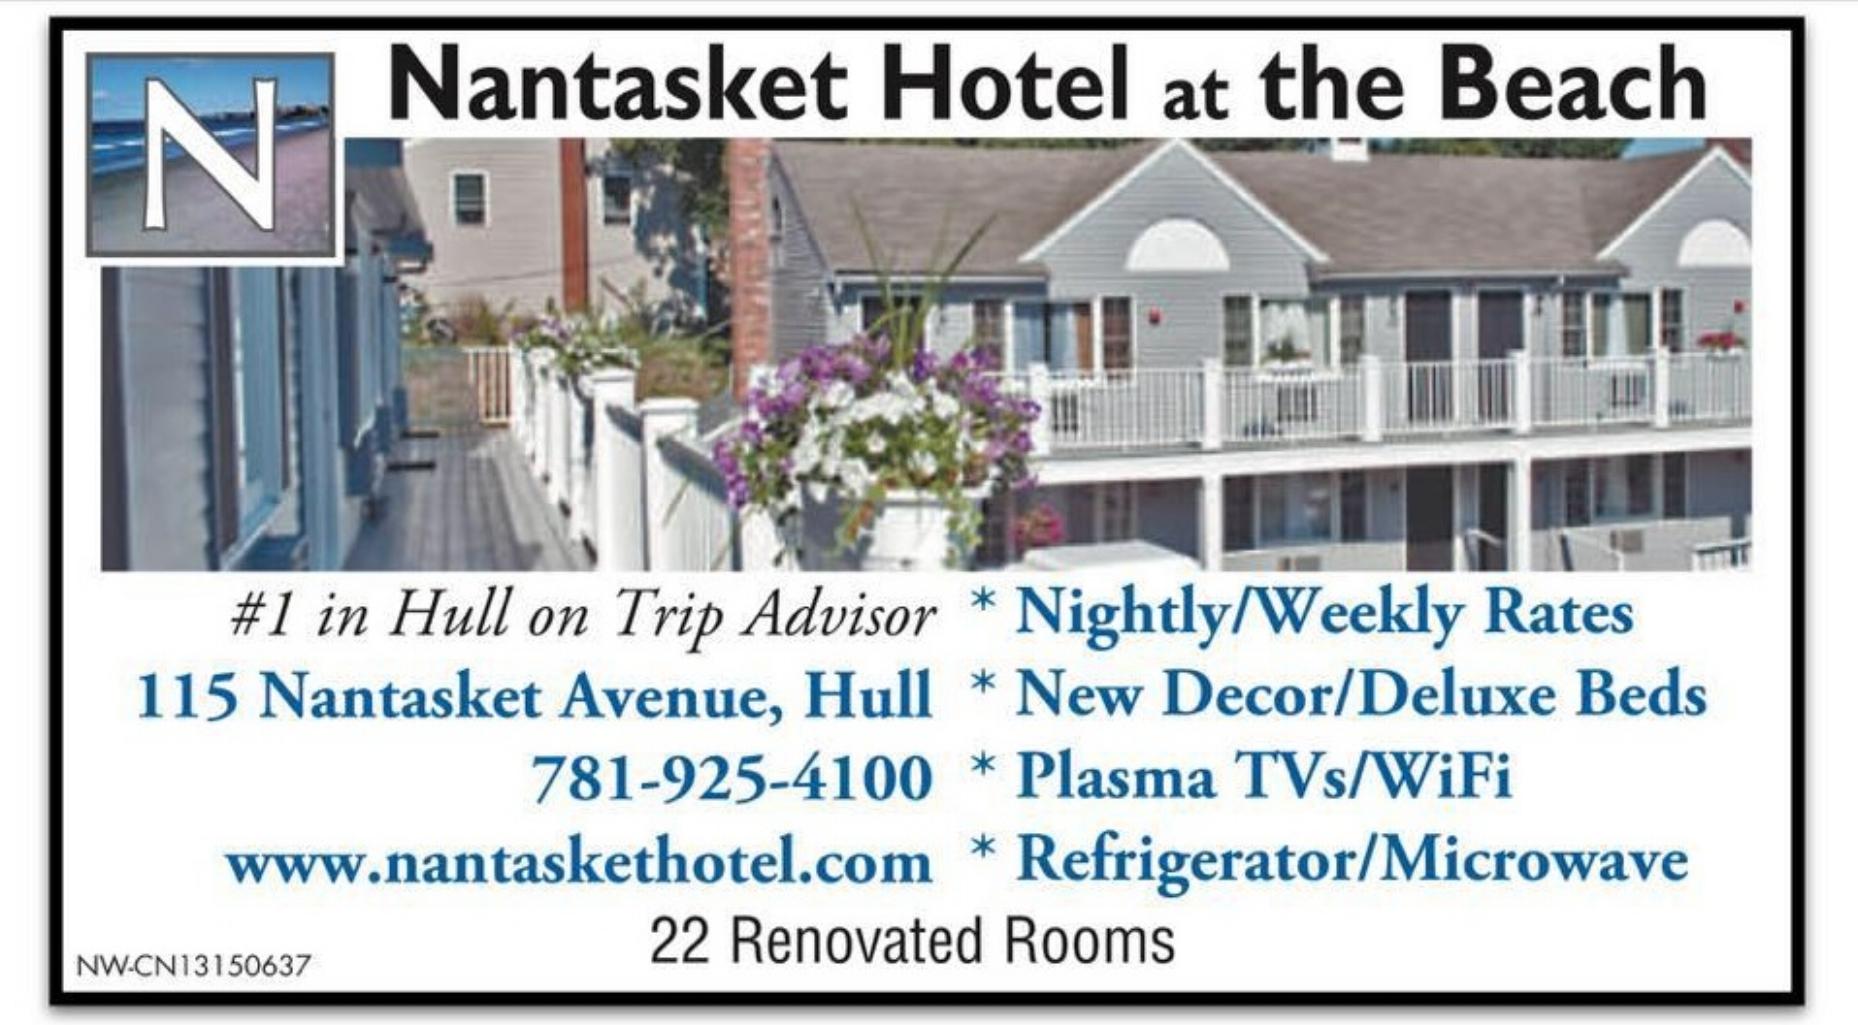 Nantasket Hotel at the Beach.jpg